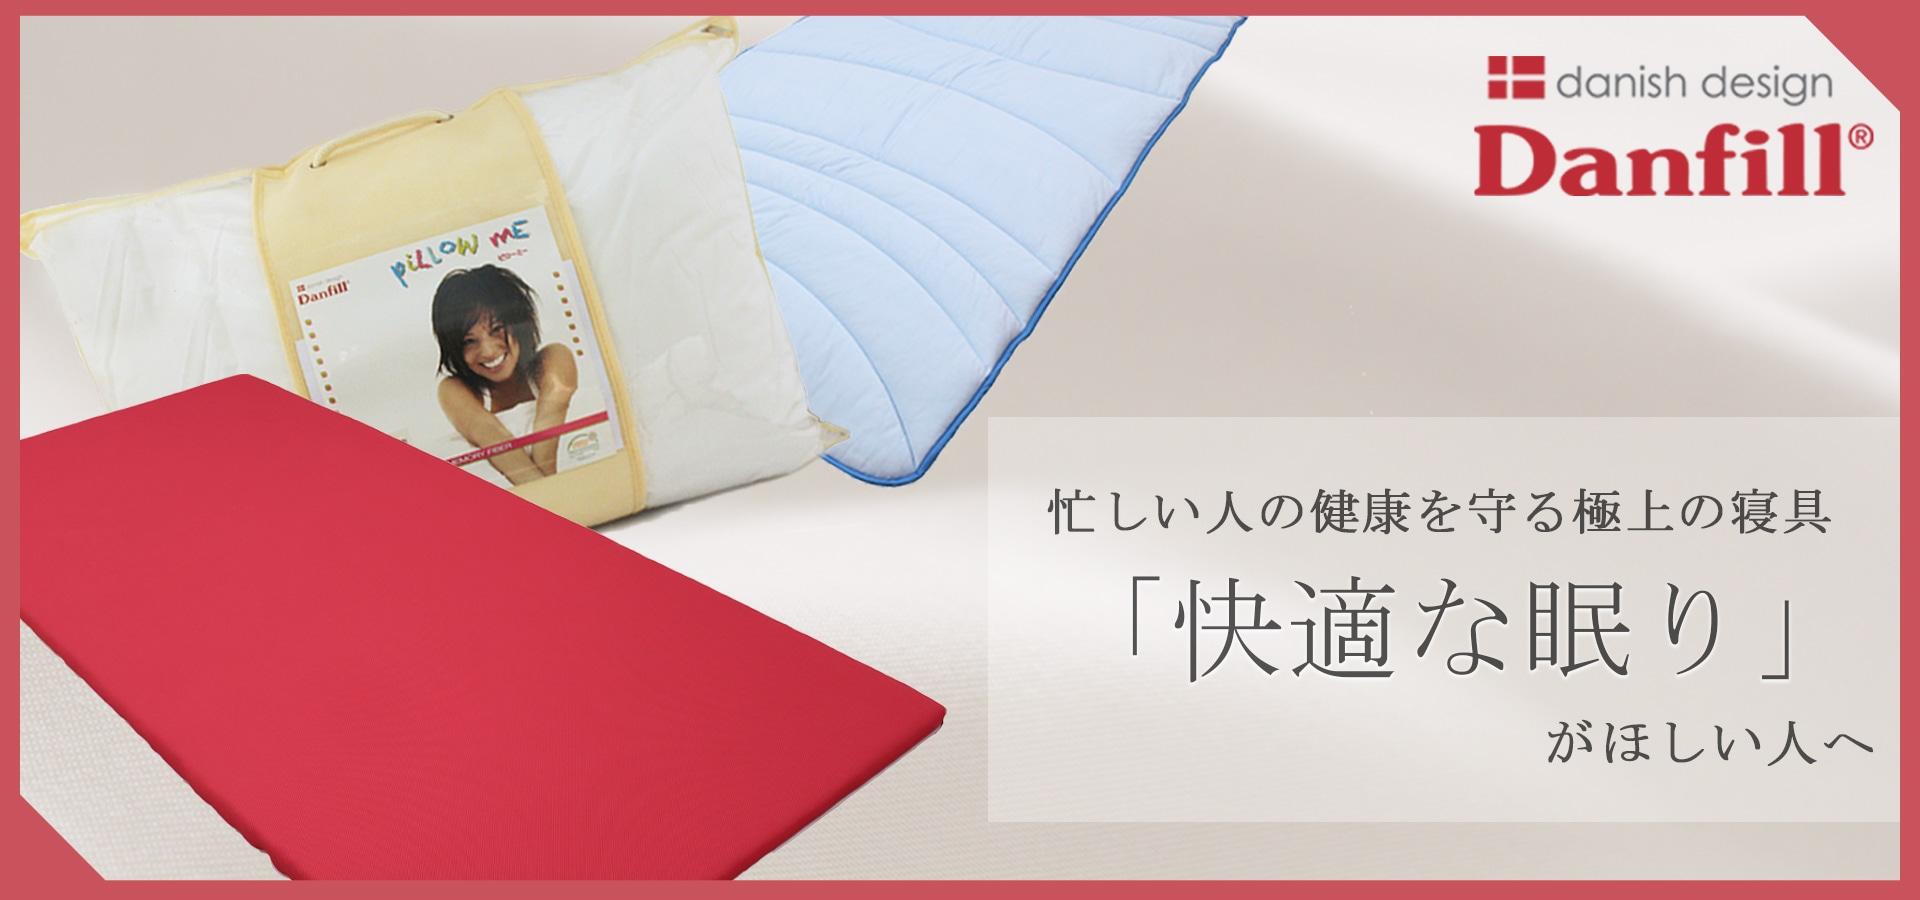 忙しい人の健康を守る極上の寝具。「快適な眠り」がほしい人へ